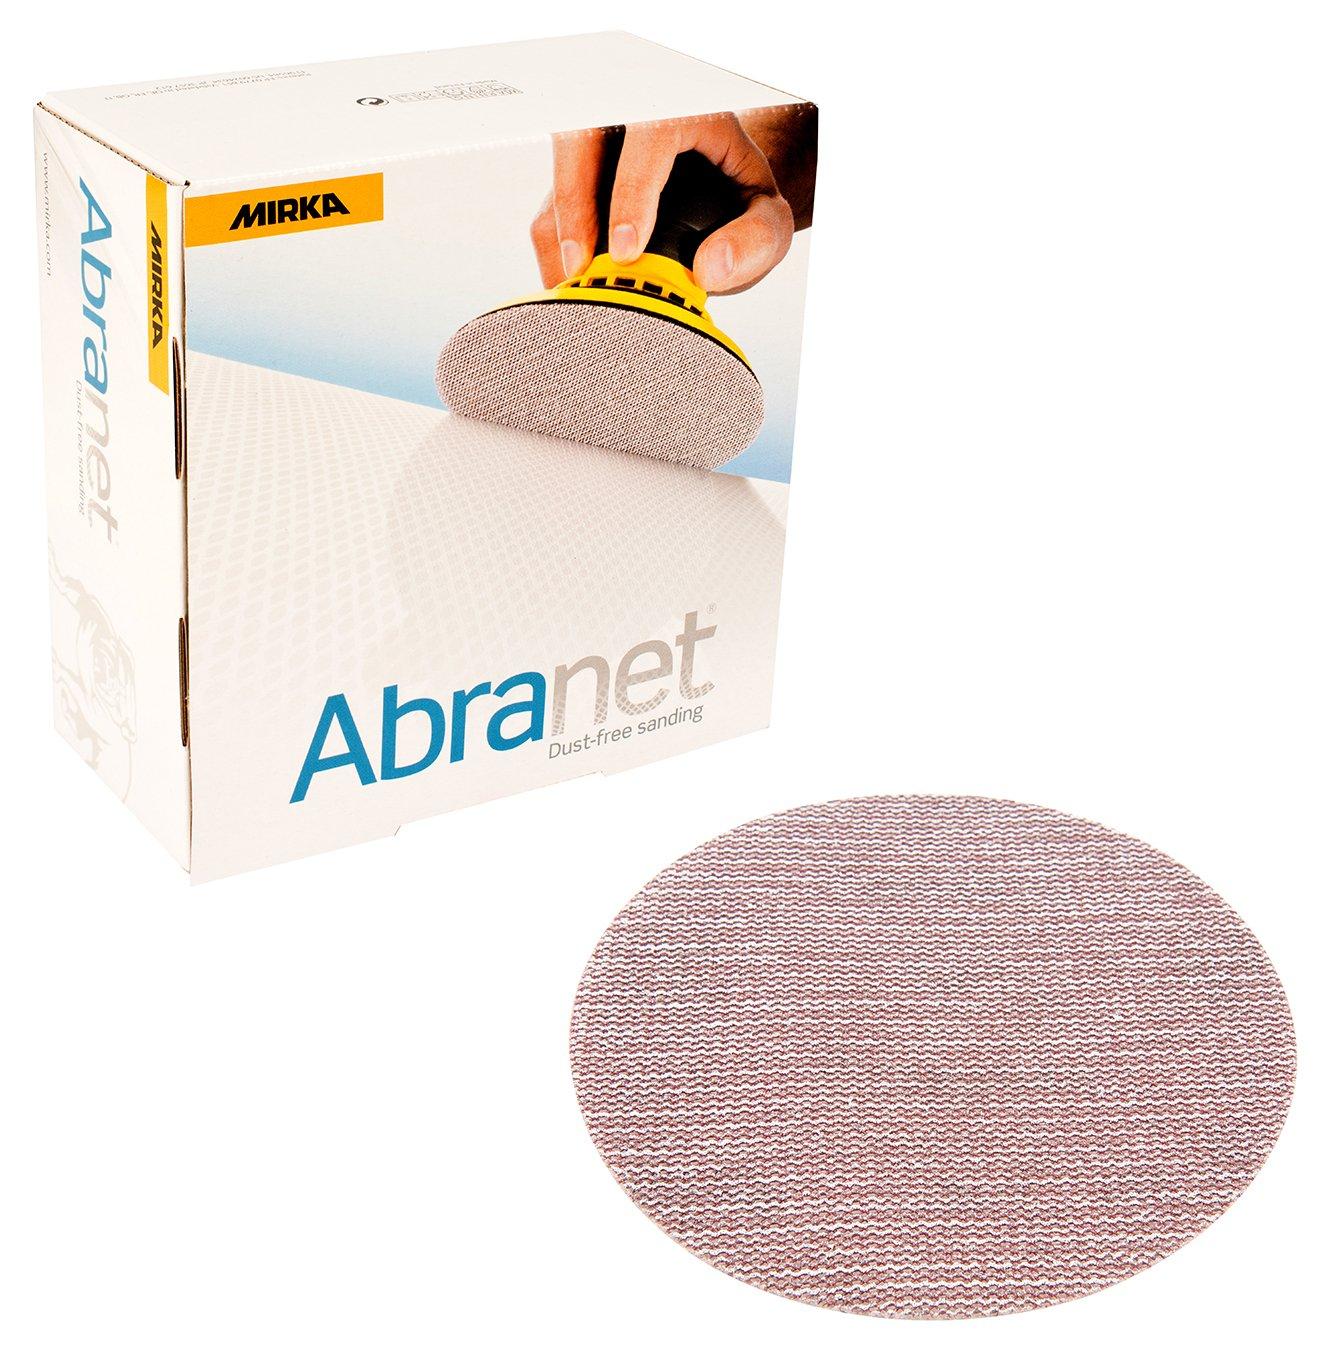 Mirka 9A-241-120   6-Inch 120 Grit Mesh Abrasive Dust Free Sanding Discs,  Box of 50 Discs by Mirka